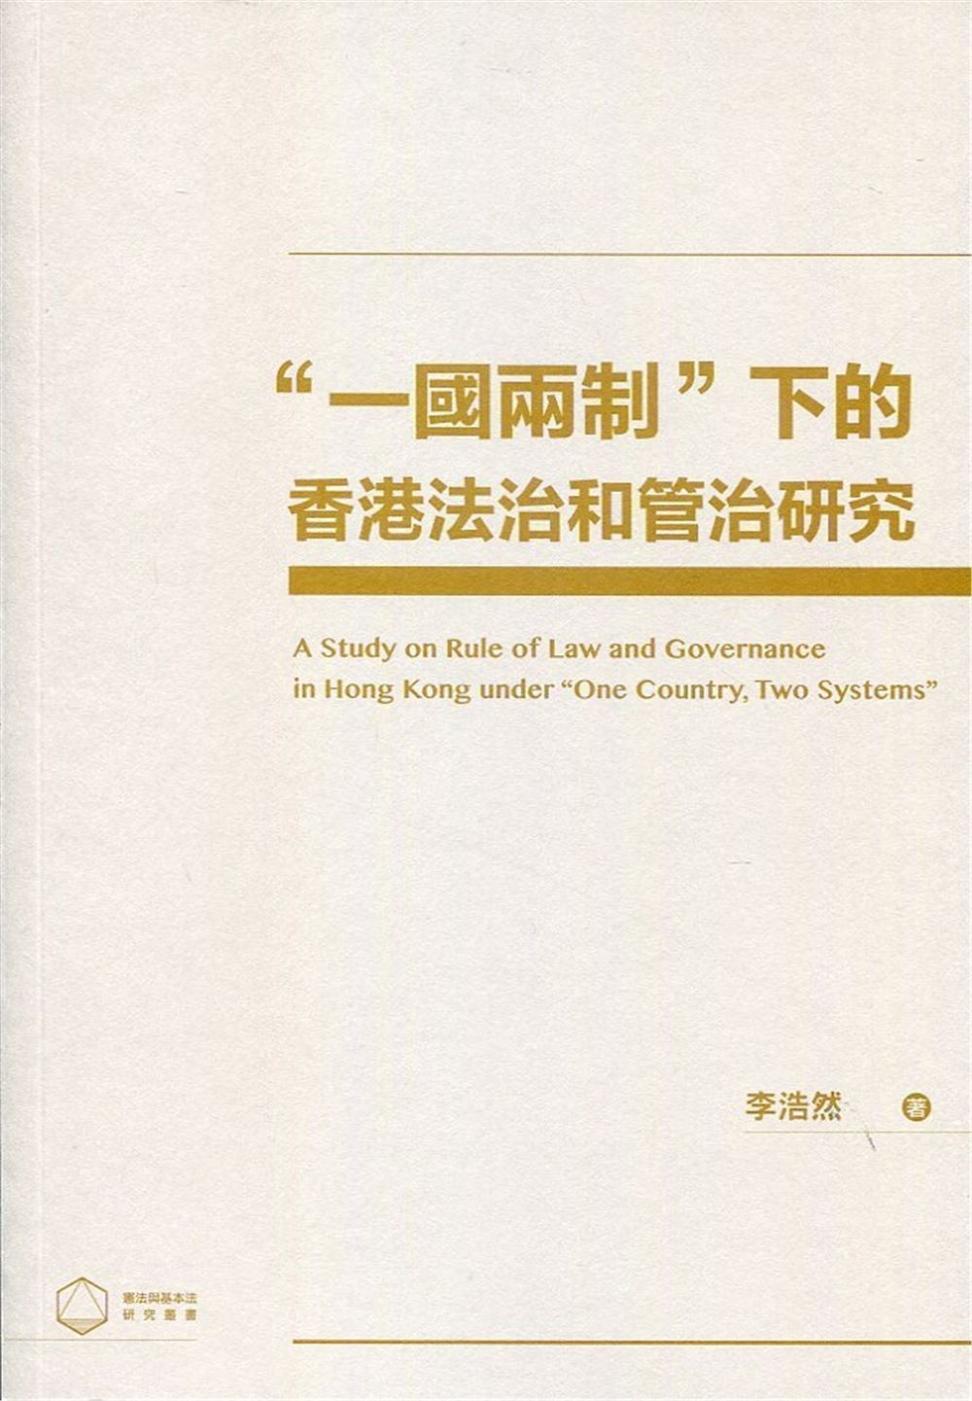 """""""一國兩制""""下的香港法治和管治研究"""